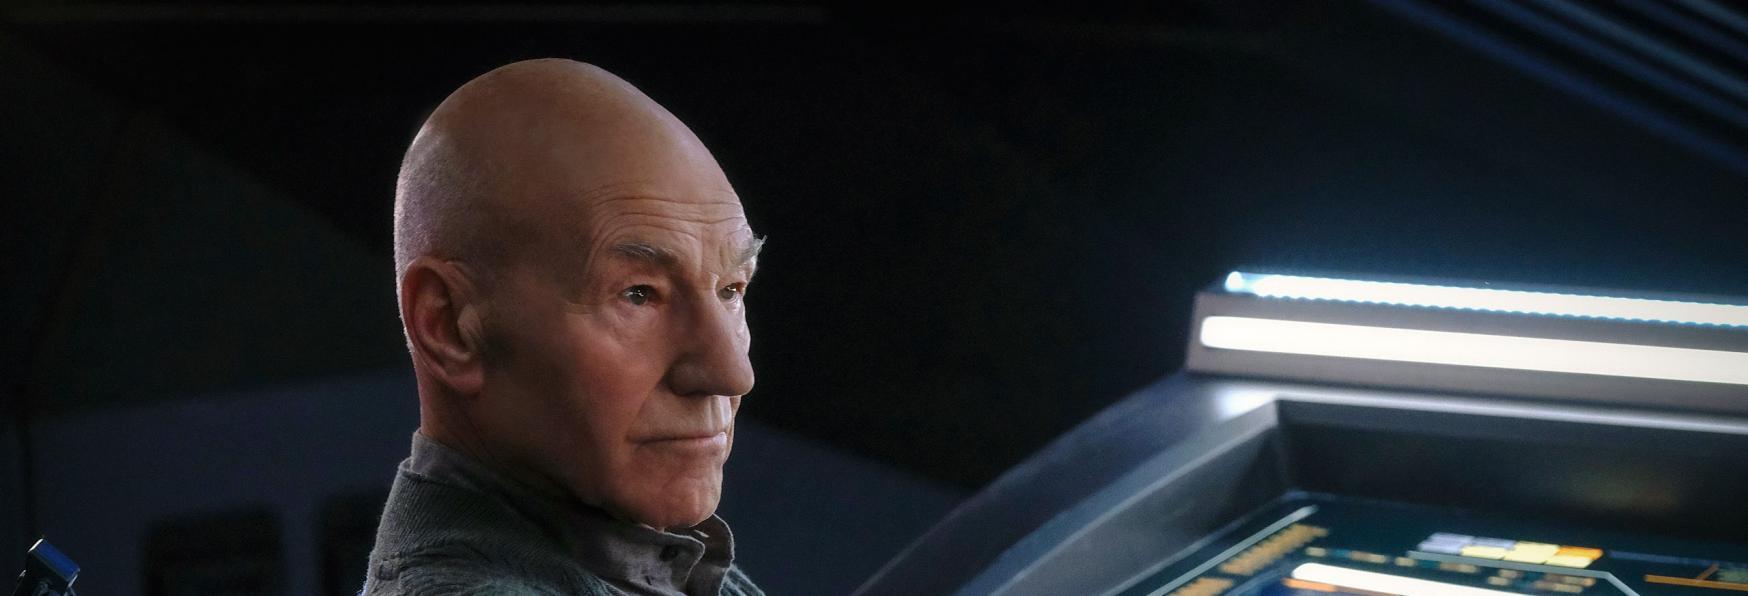 Star Trek: Picard - Annunciato il Rinnovo per una 3° Stagione. Il nuovo Teaser Trailer svela il Periodo di Uscita della 2° Stagione